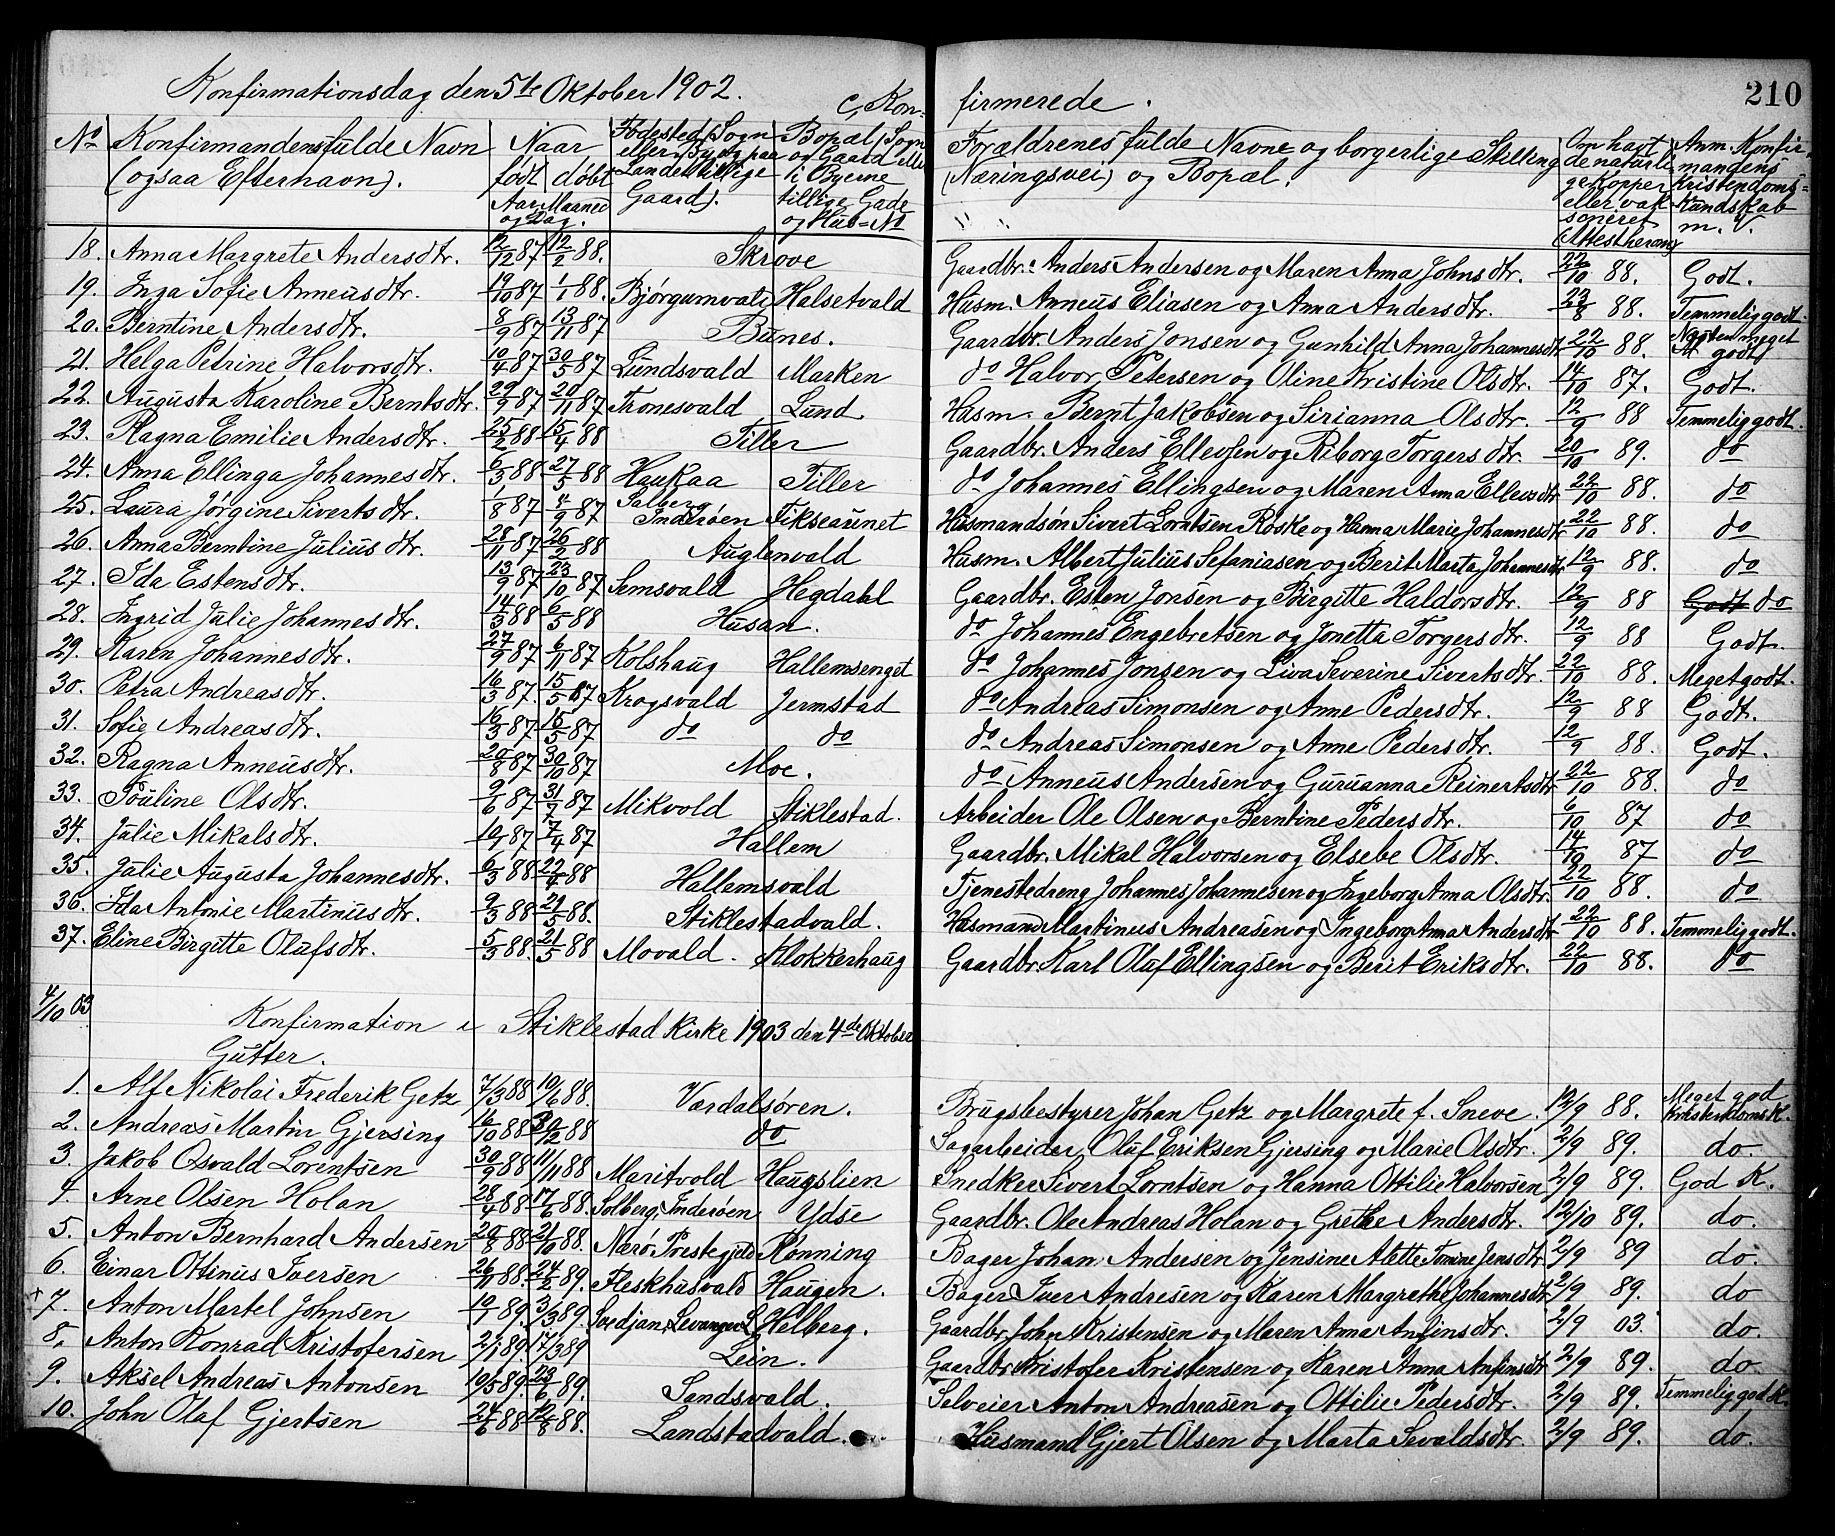 SAT, Ministerialprotokoller, klokkerbøker og fødselsregistre - Nord-Trøndelag, 723/L0257: Klokkerbok nr. 723C05, 1890-1907, s. 210